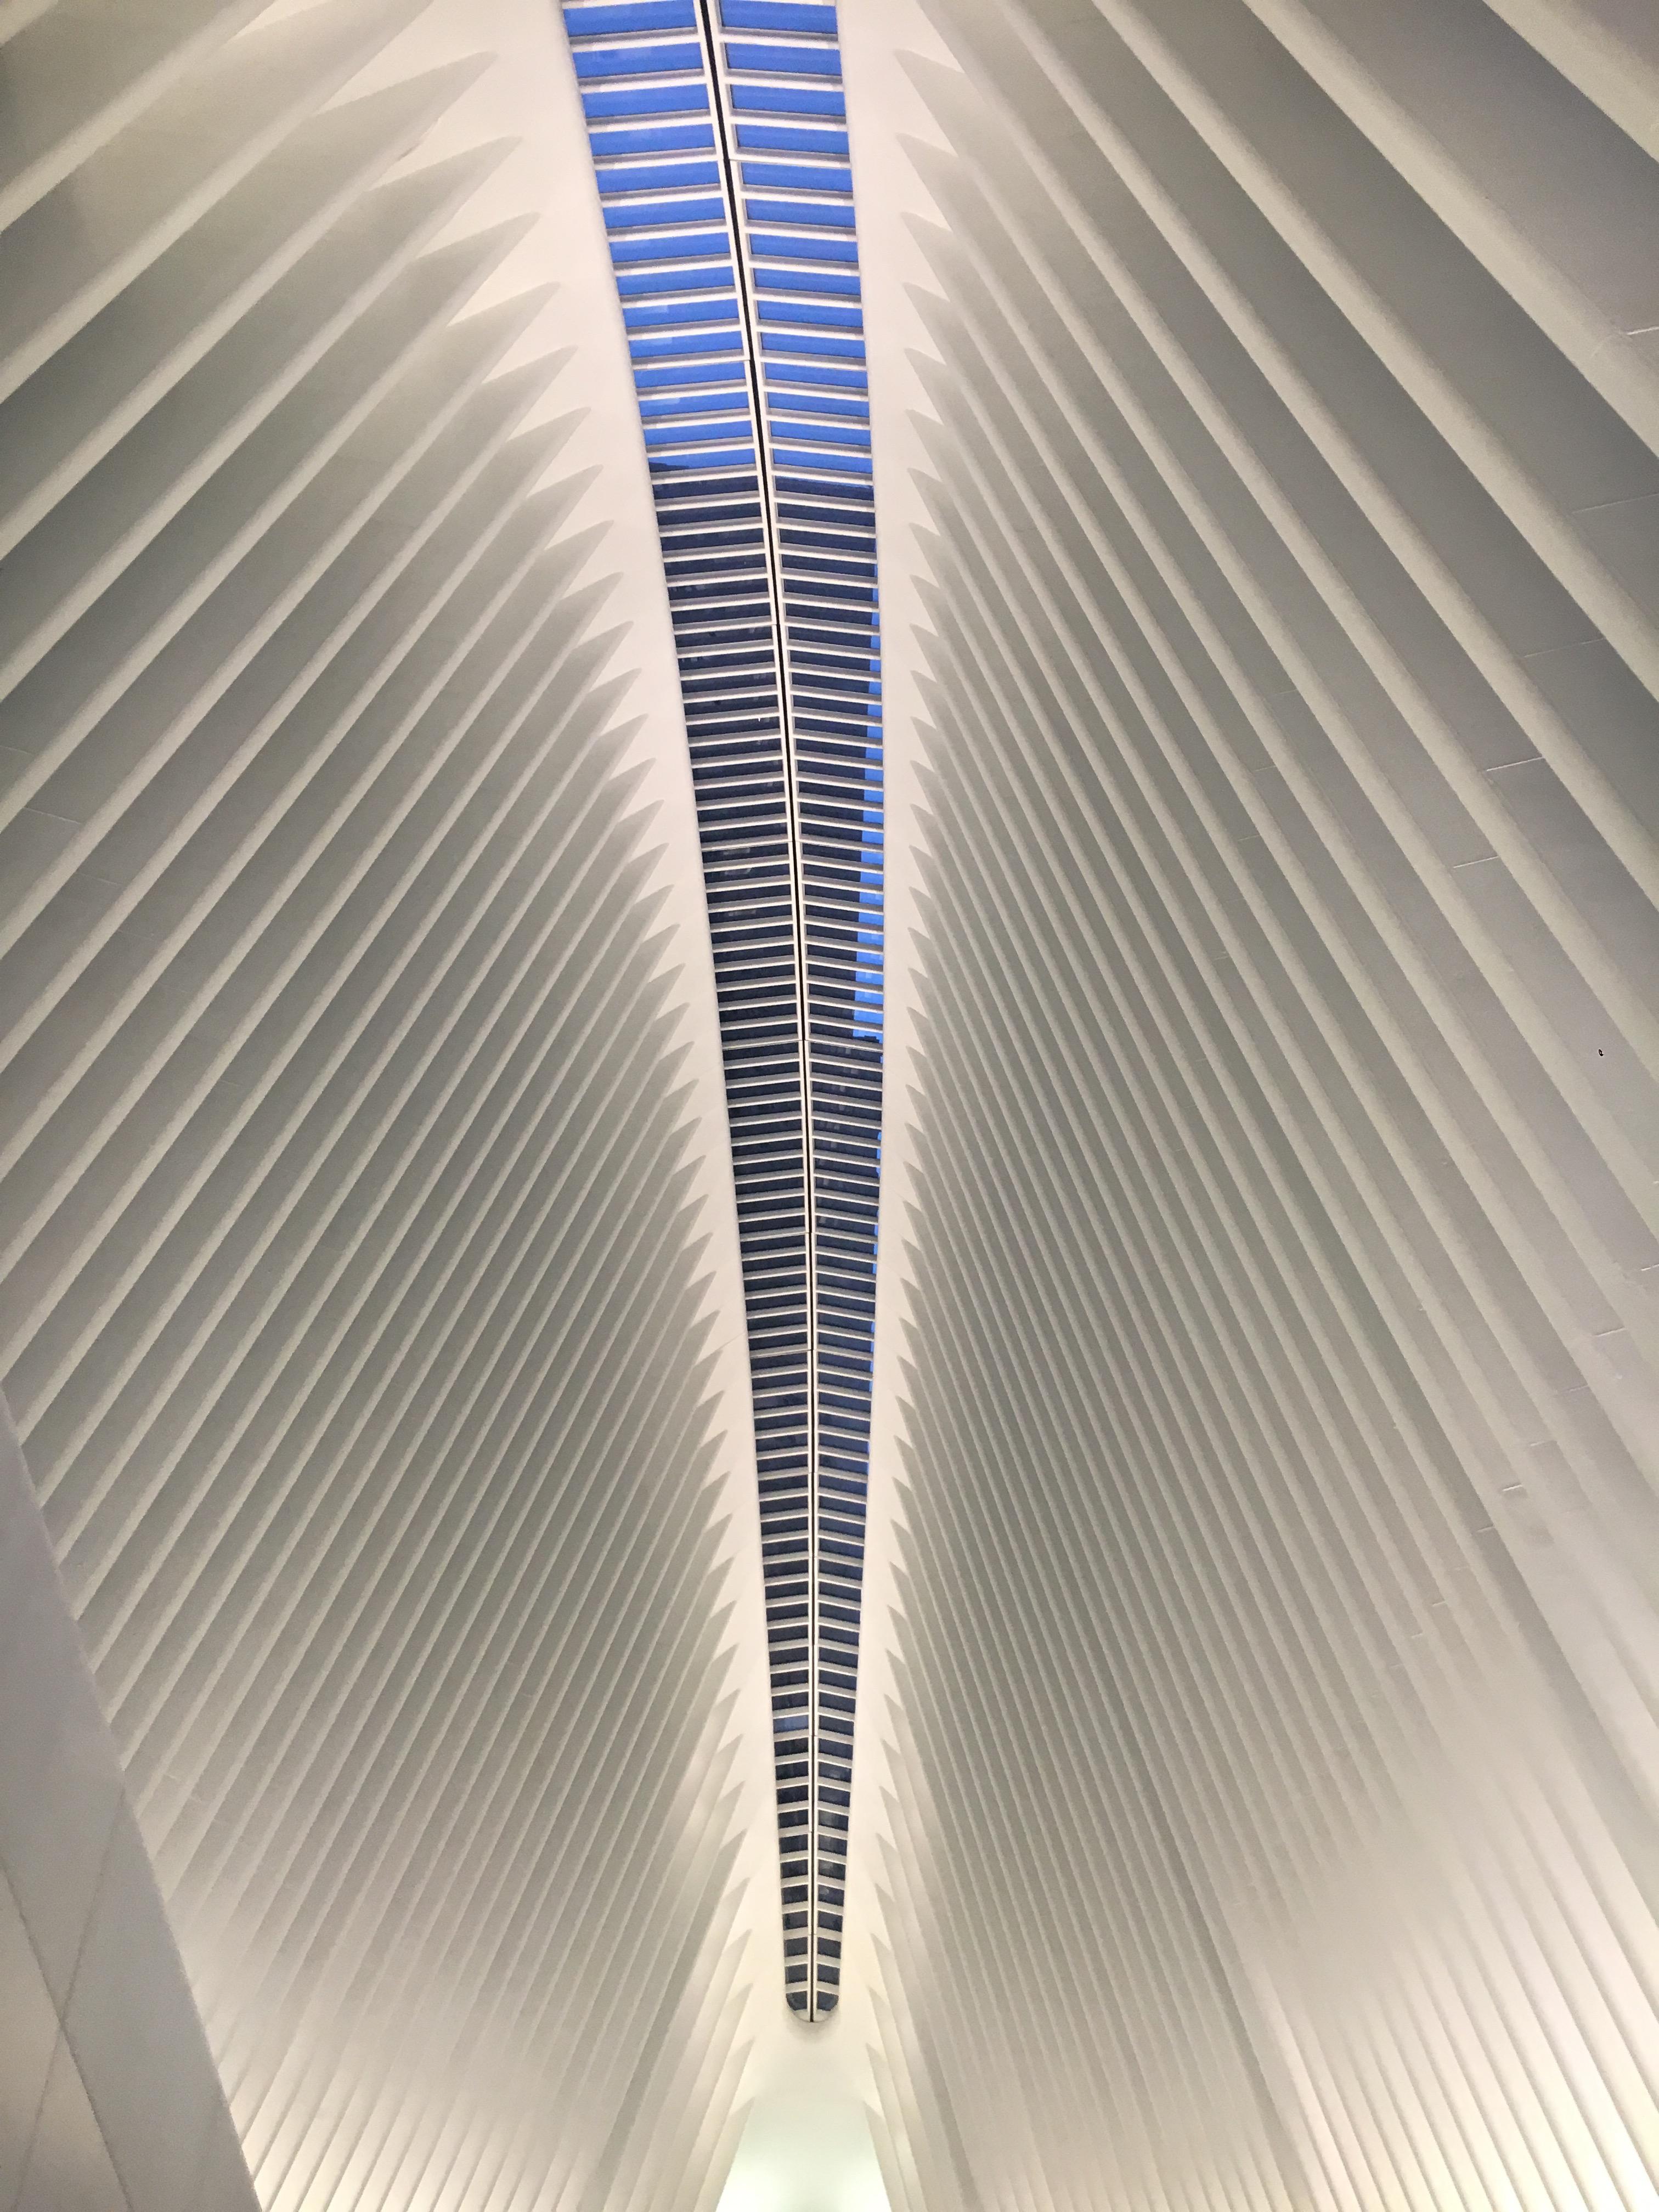 oculus ceiling